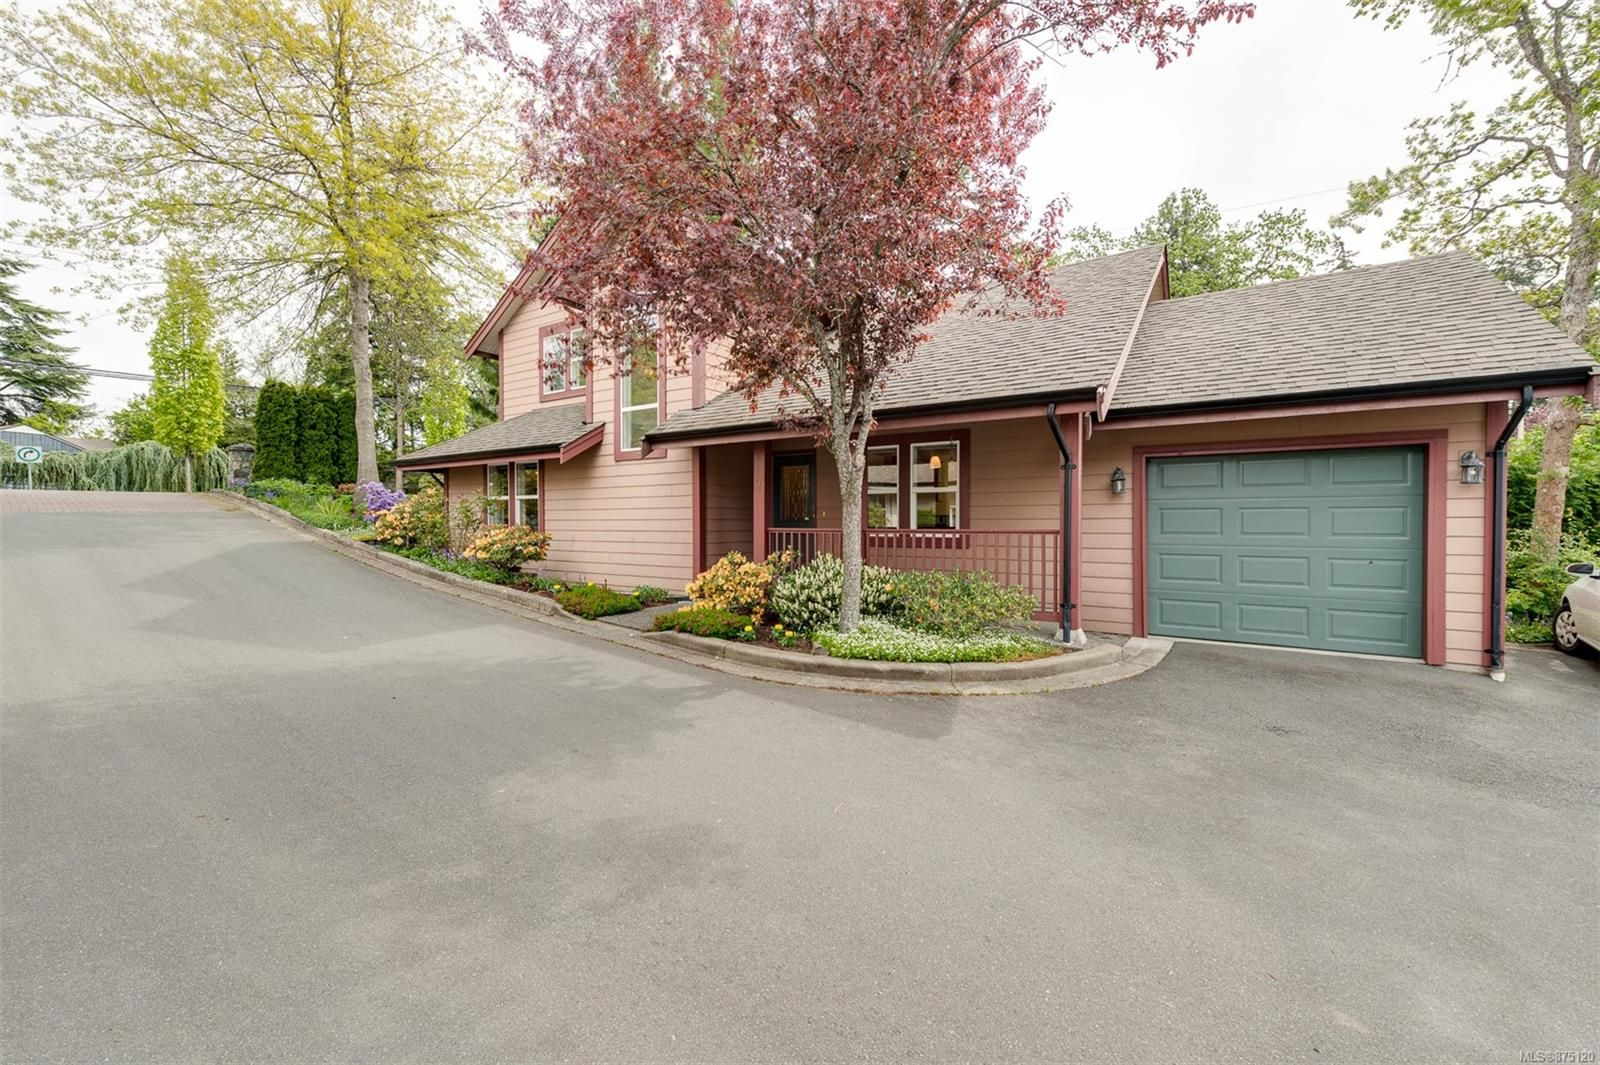 Main Photo: 7 4570 West Saanich Rd in : SW Royal Oak House for sale (Saanich West)  : MLS®# 875120